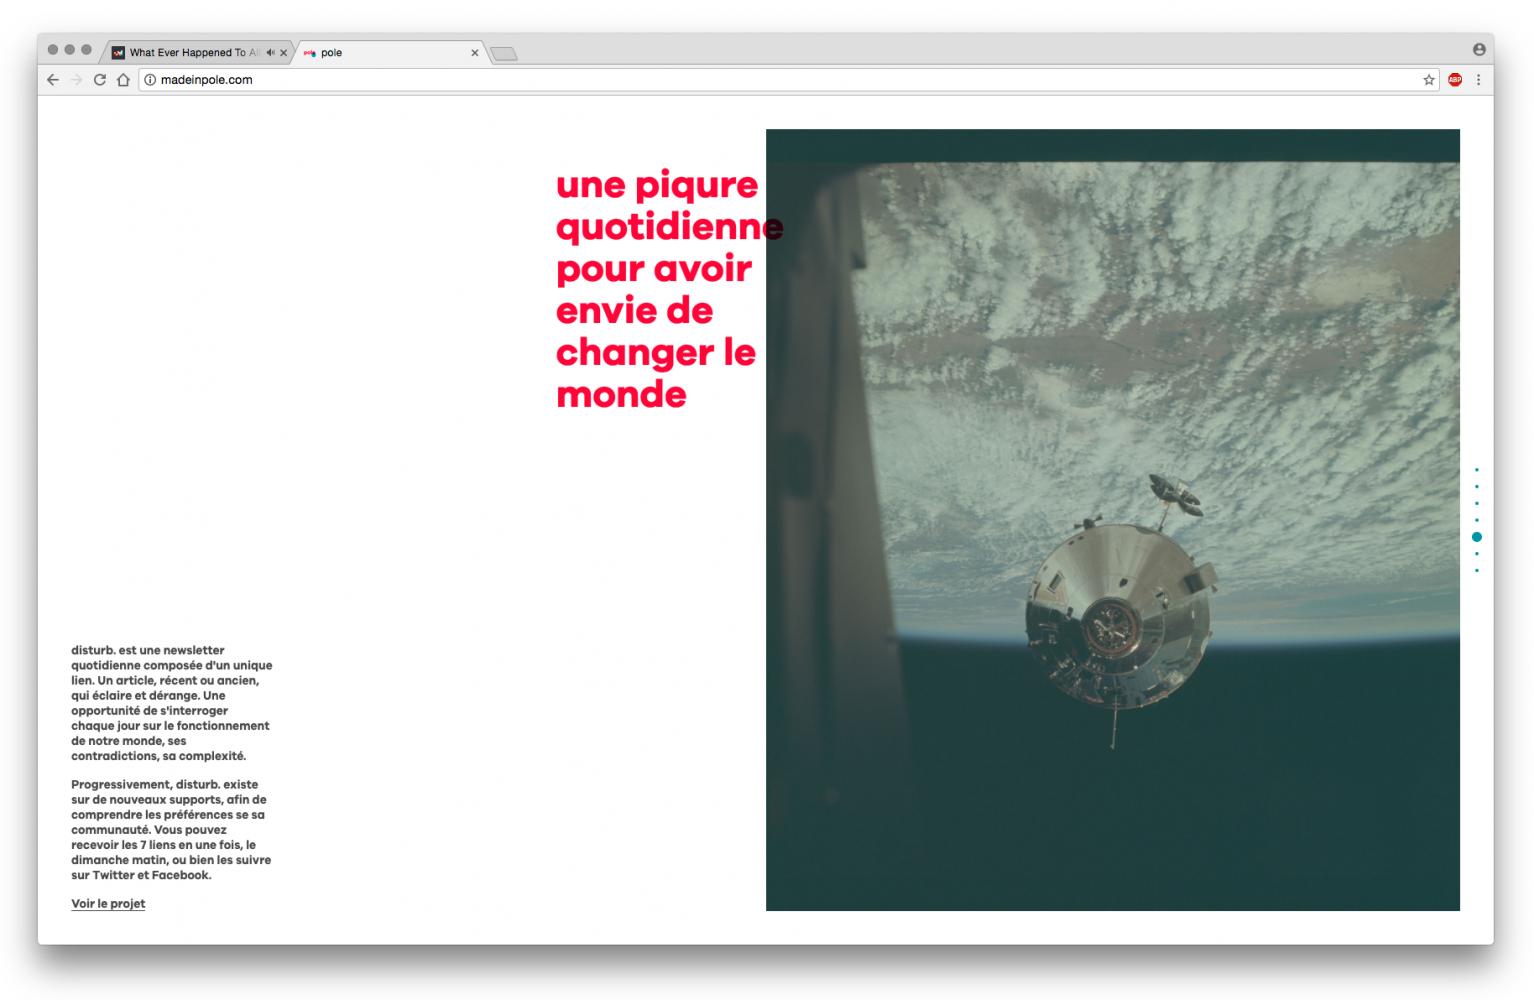 Capture d'écran 2017-01-13 à 00.12.02 - copie